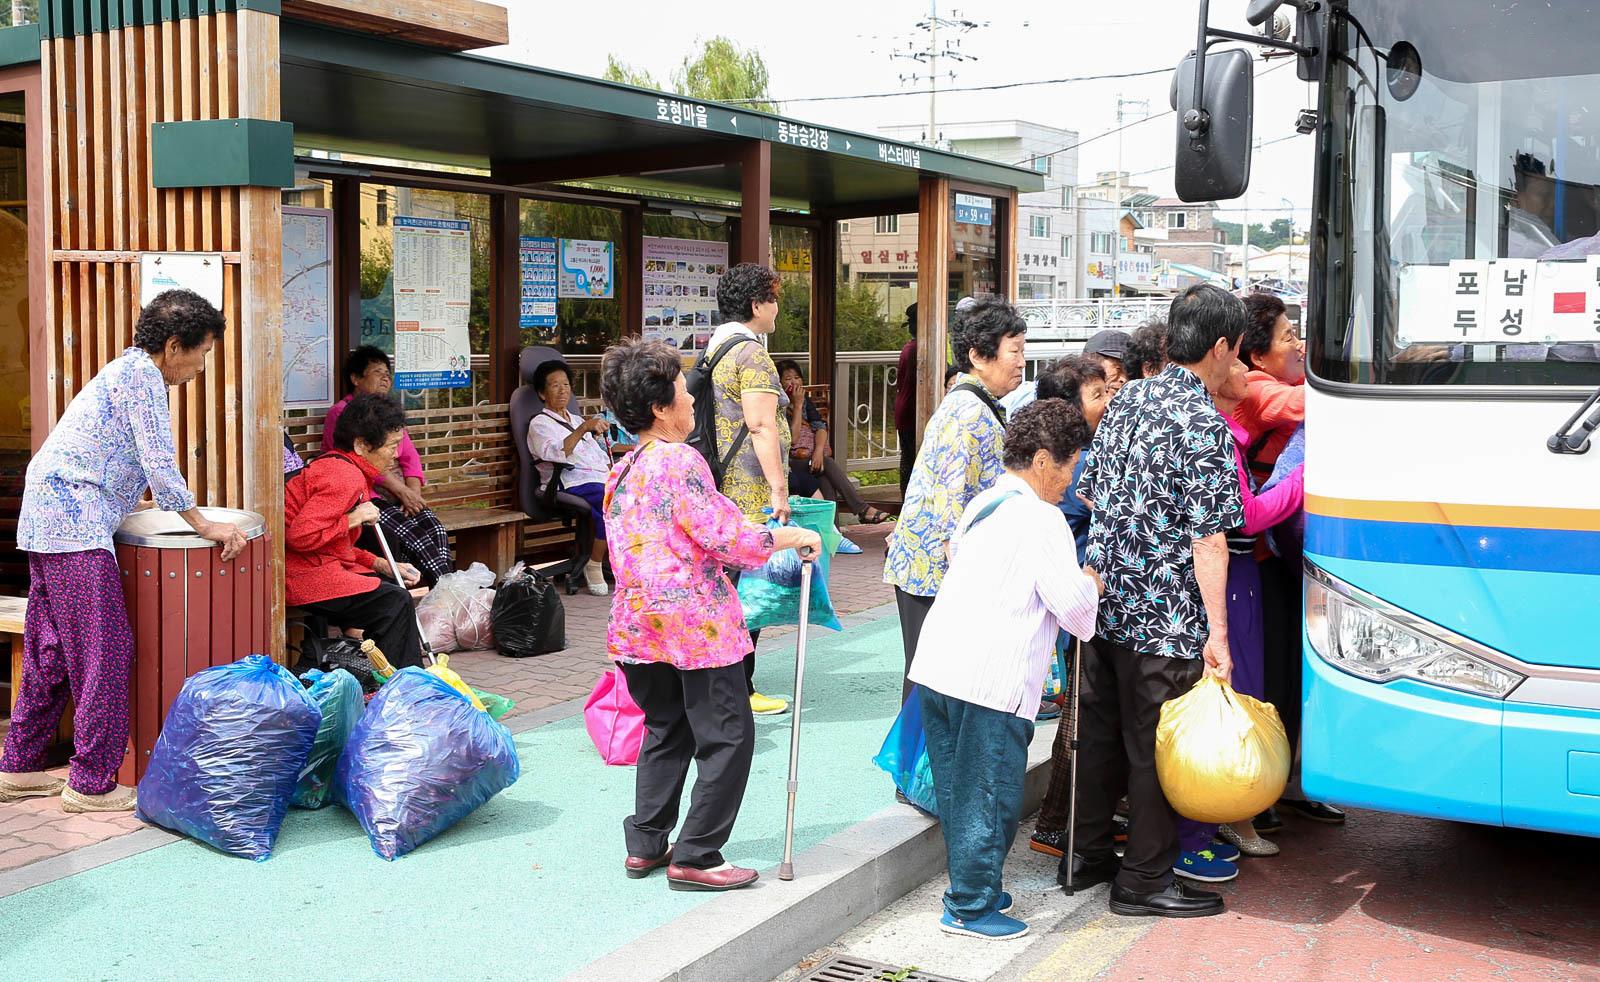 장날을 맞아 전남 고흥군 고흥읍으로 나온 노인들이 읍내 정류장에서 버스를 타고 있다. 전국에서 노인 비율이 가장 높은 수준인 고흥군은 1인당 연간 진료비도 가장 많은 것으로 집계됐다. [중앙포토]